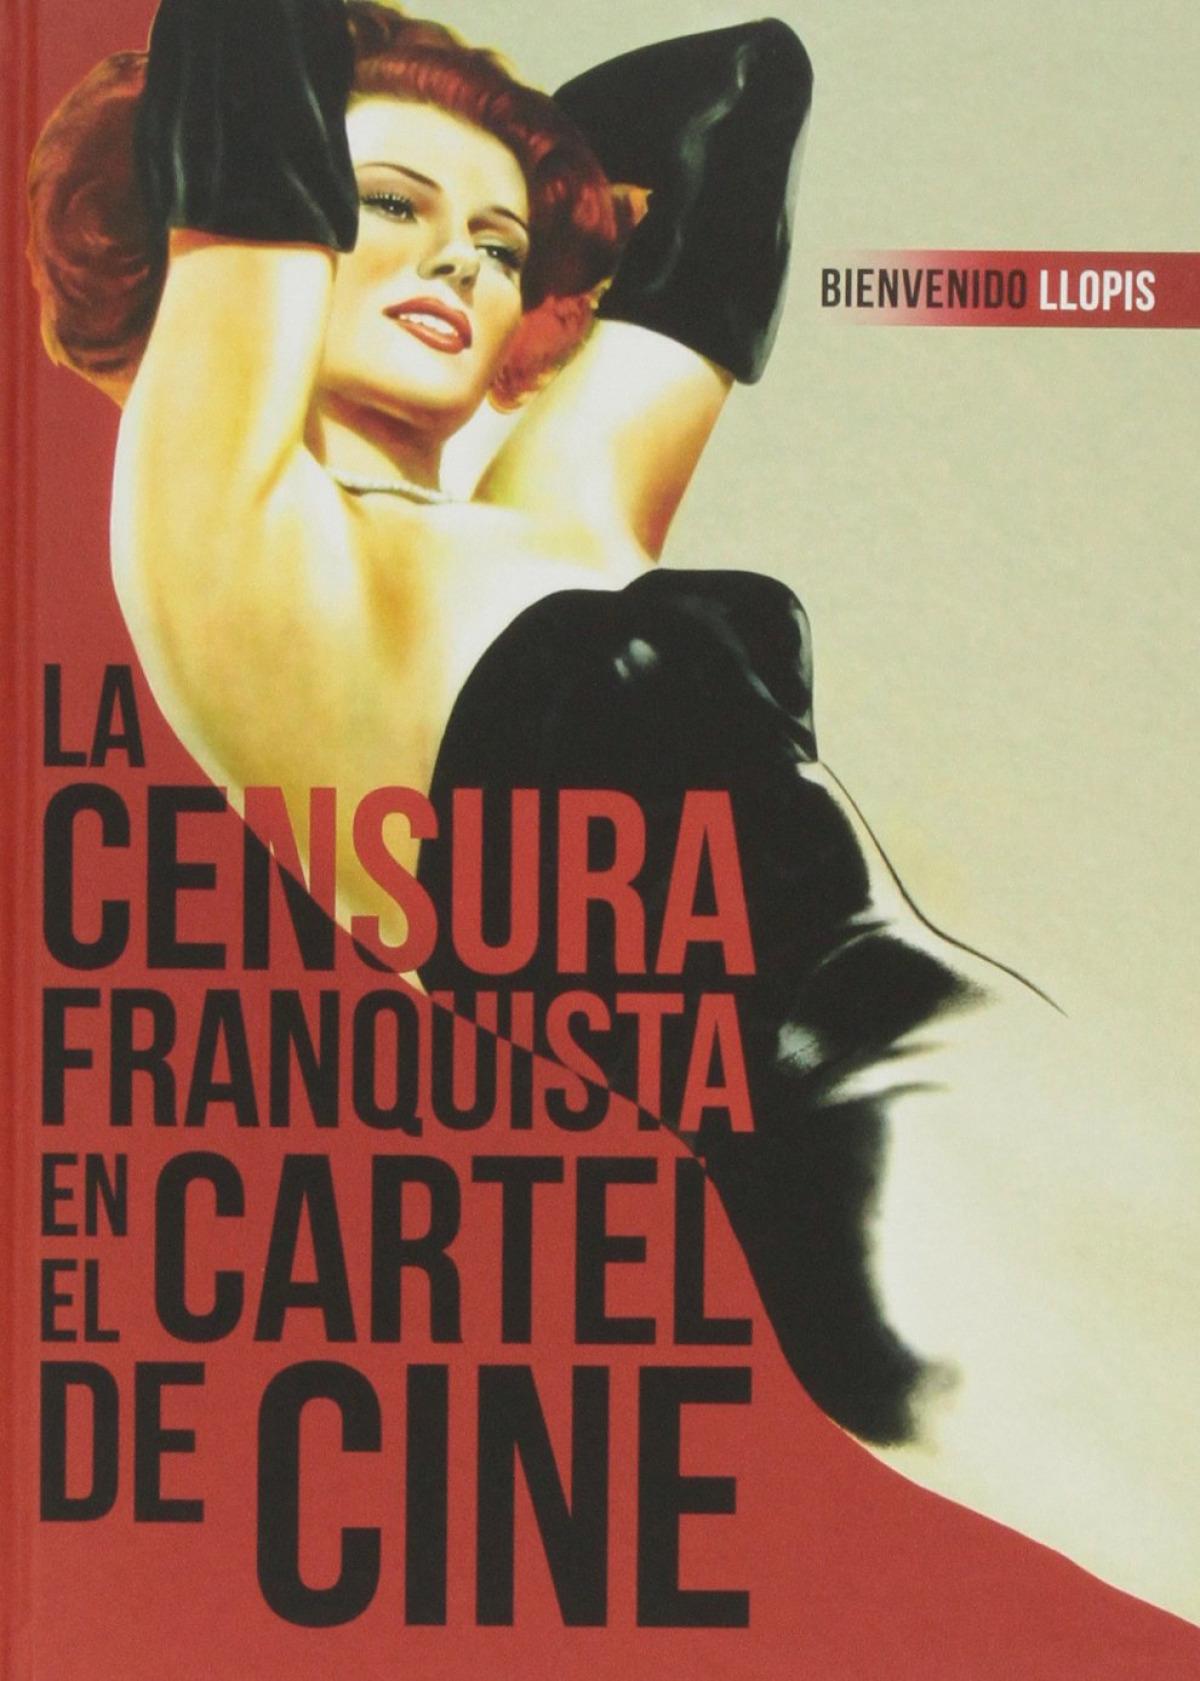 La censura franquista en cartel de cine 9788415606178